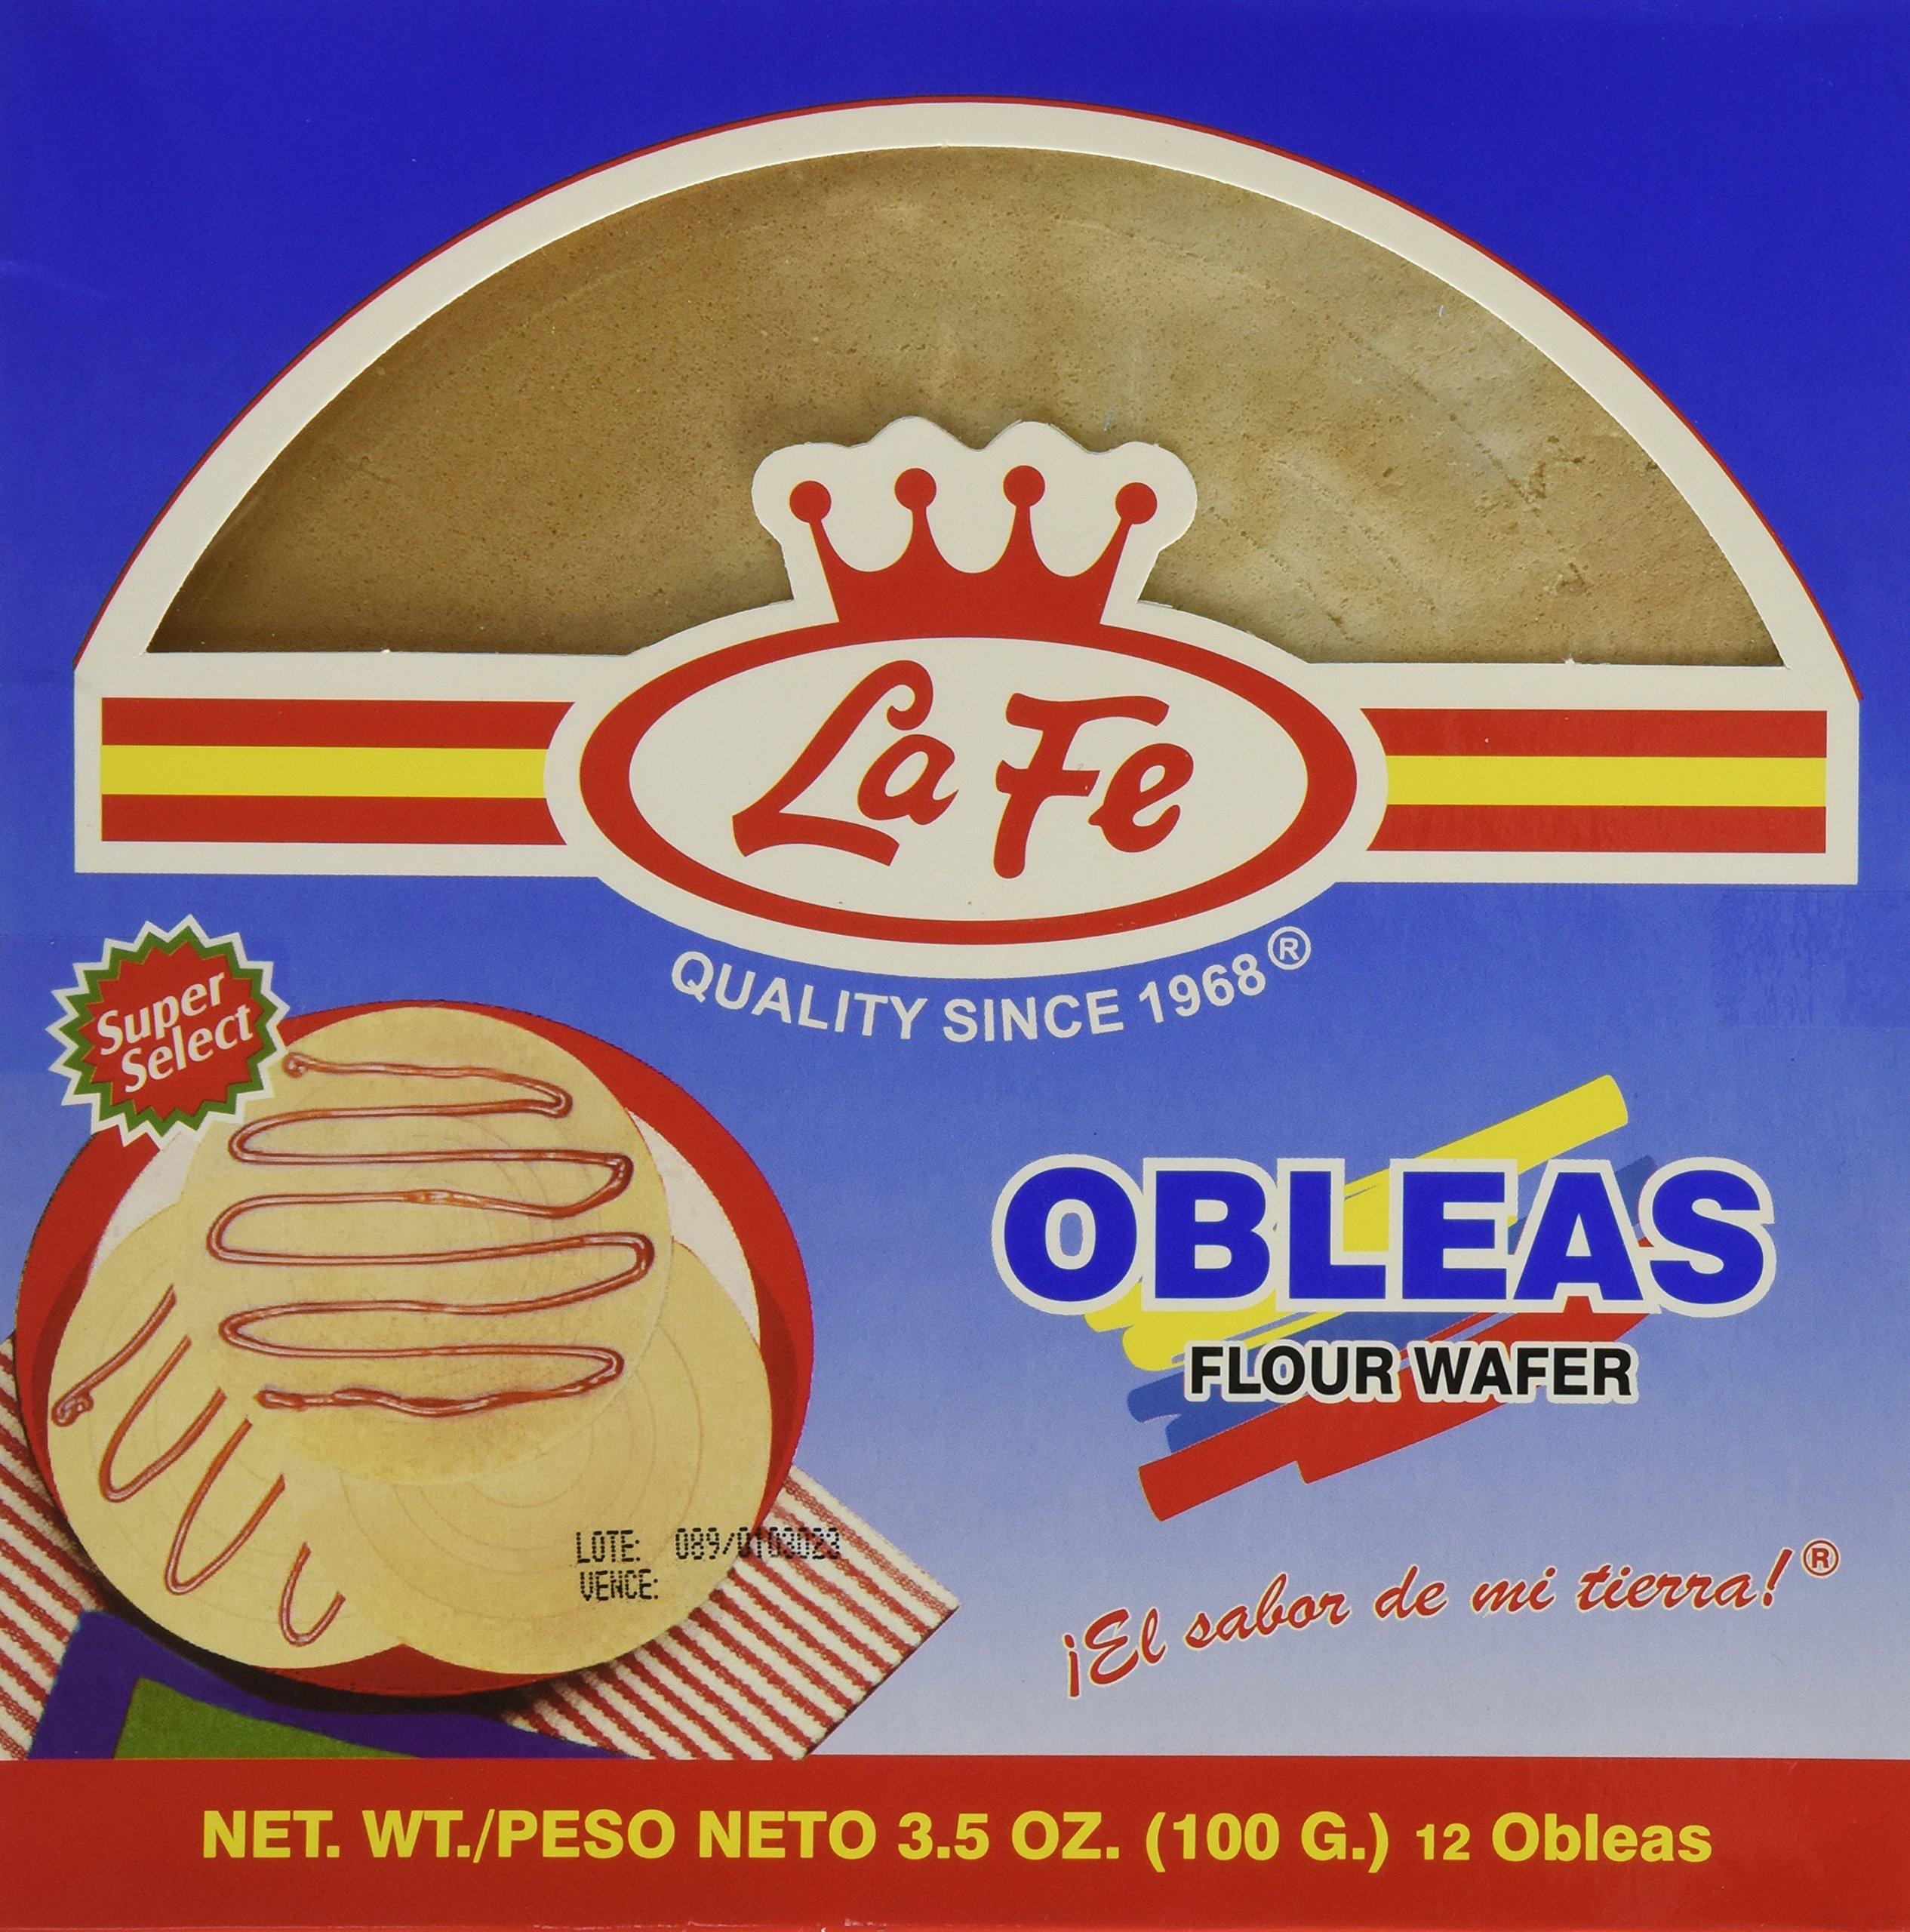 La Fe Obleas Flour Wafers 12 Pack